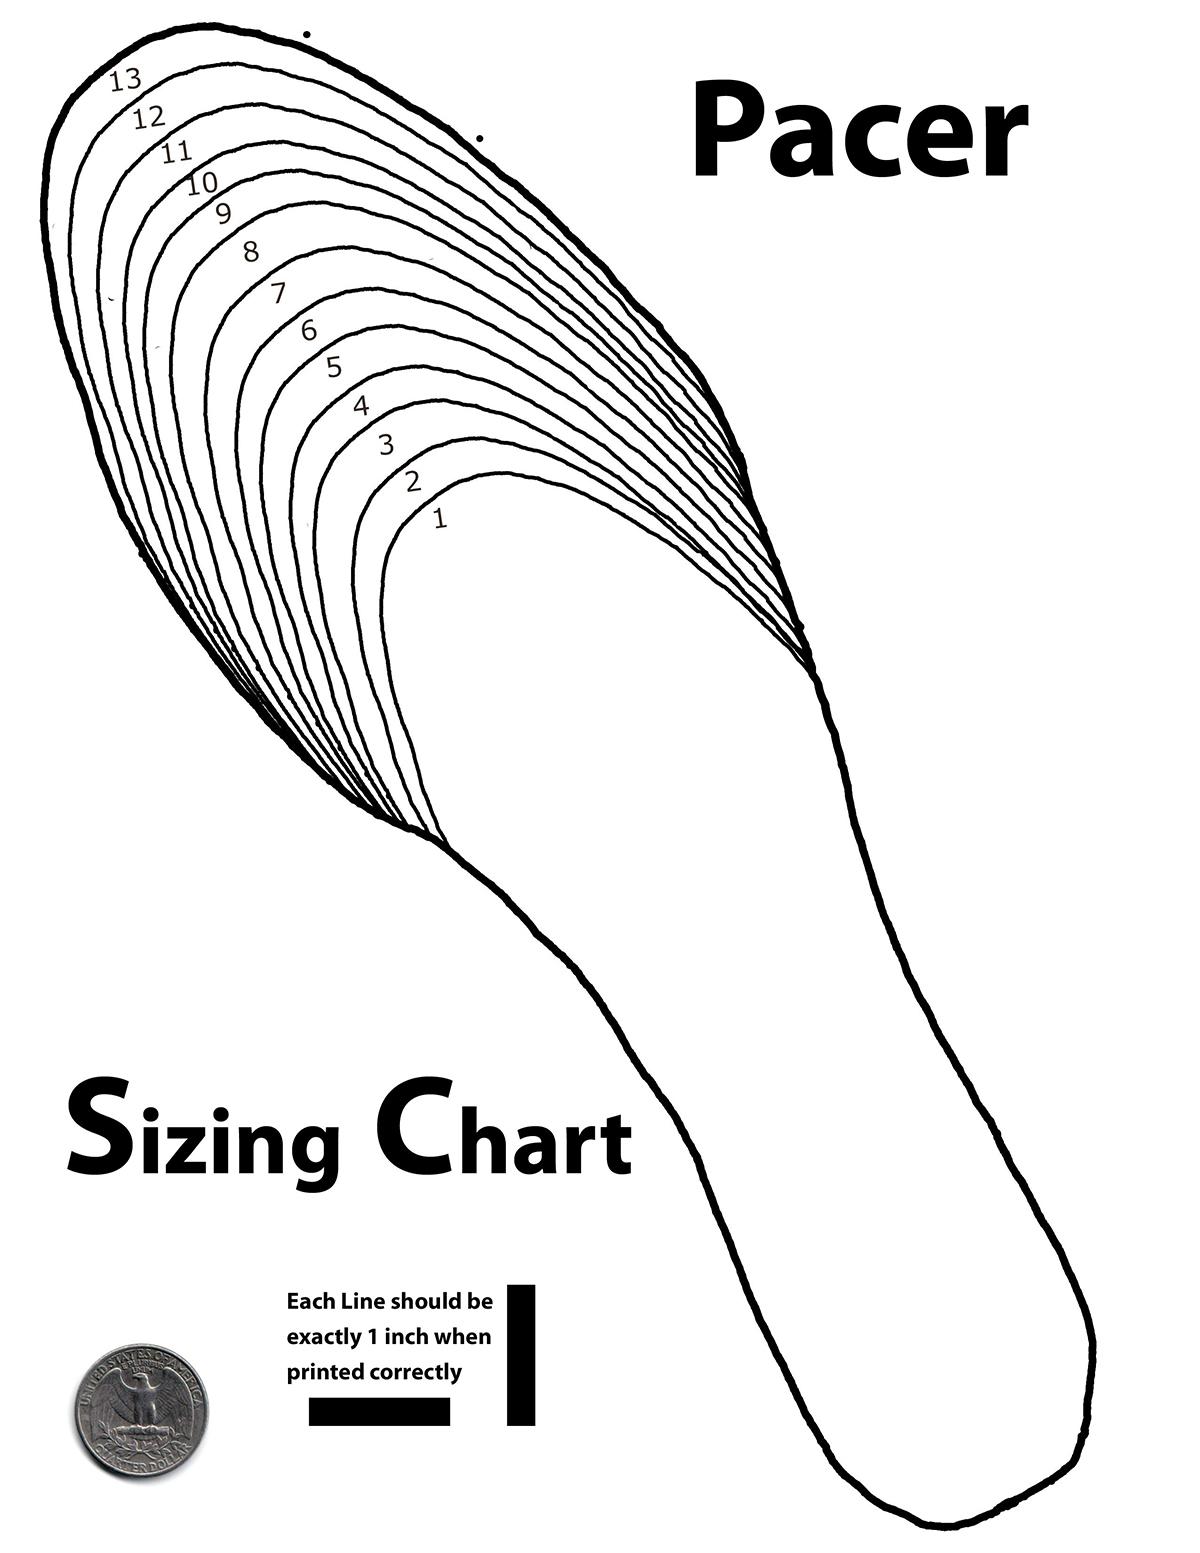 pacer-skate-size-chart.jpg